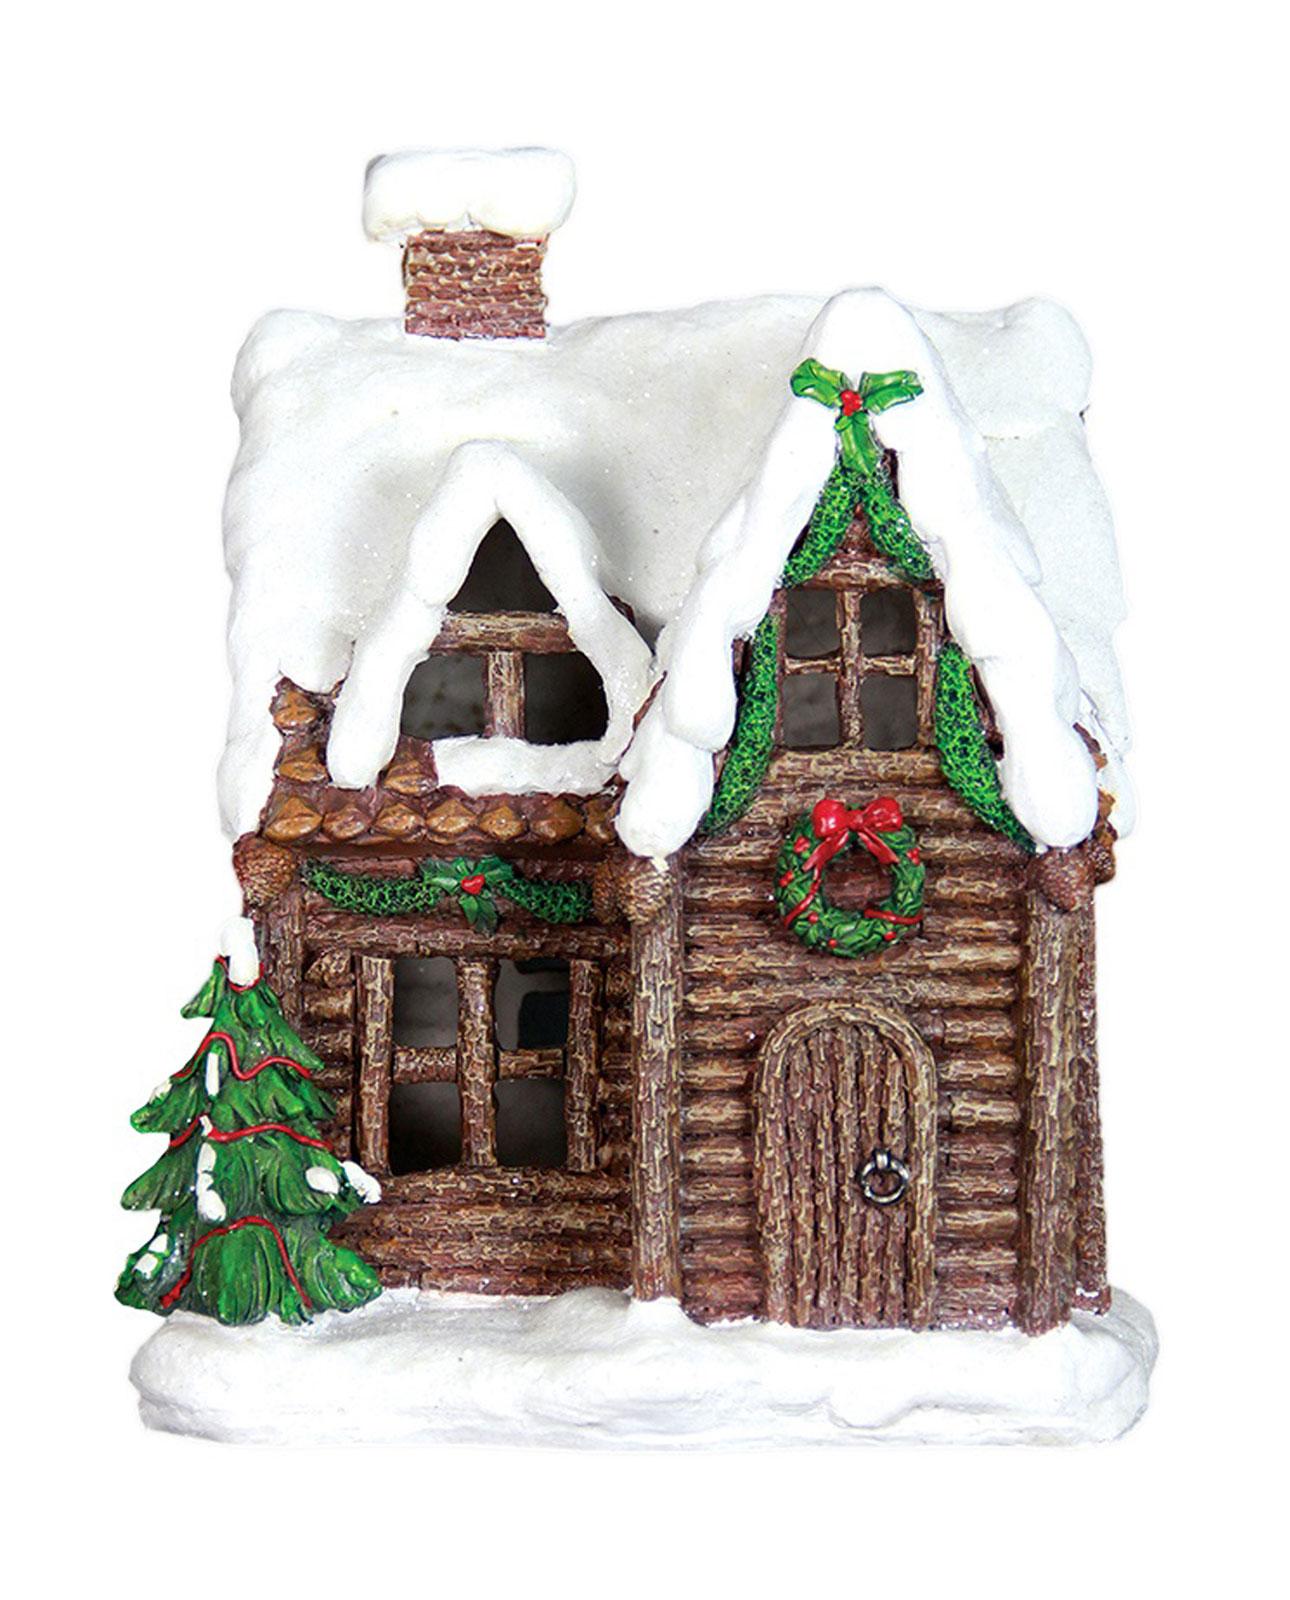 LED Light Up Log Cabin Christmas Holiday Village Cottage